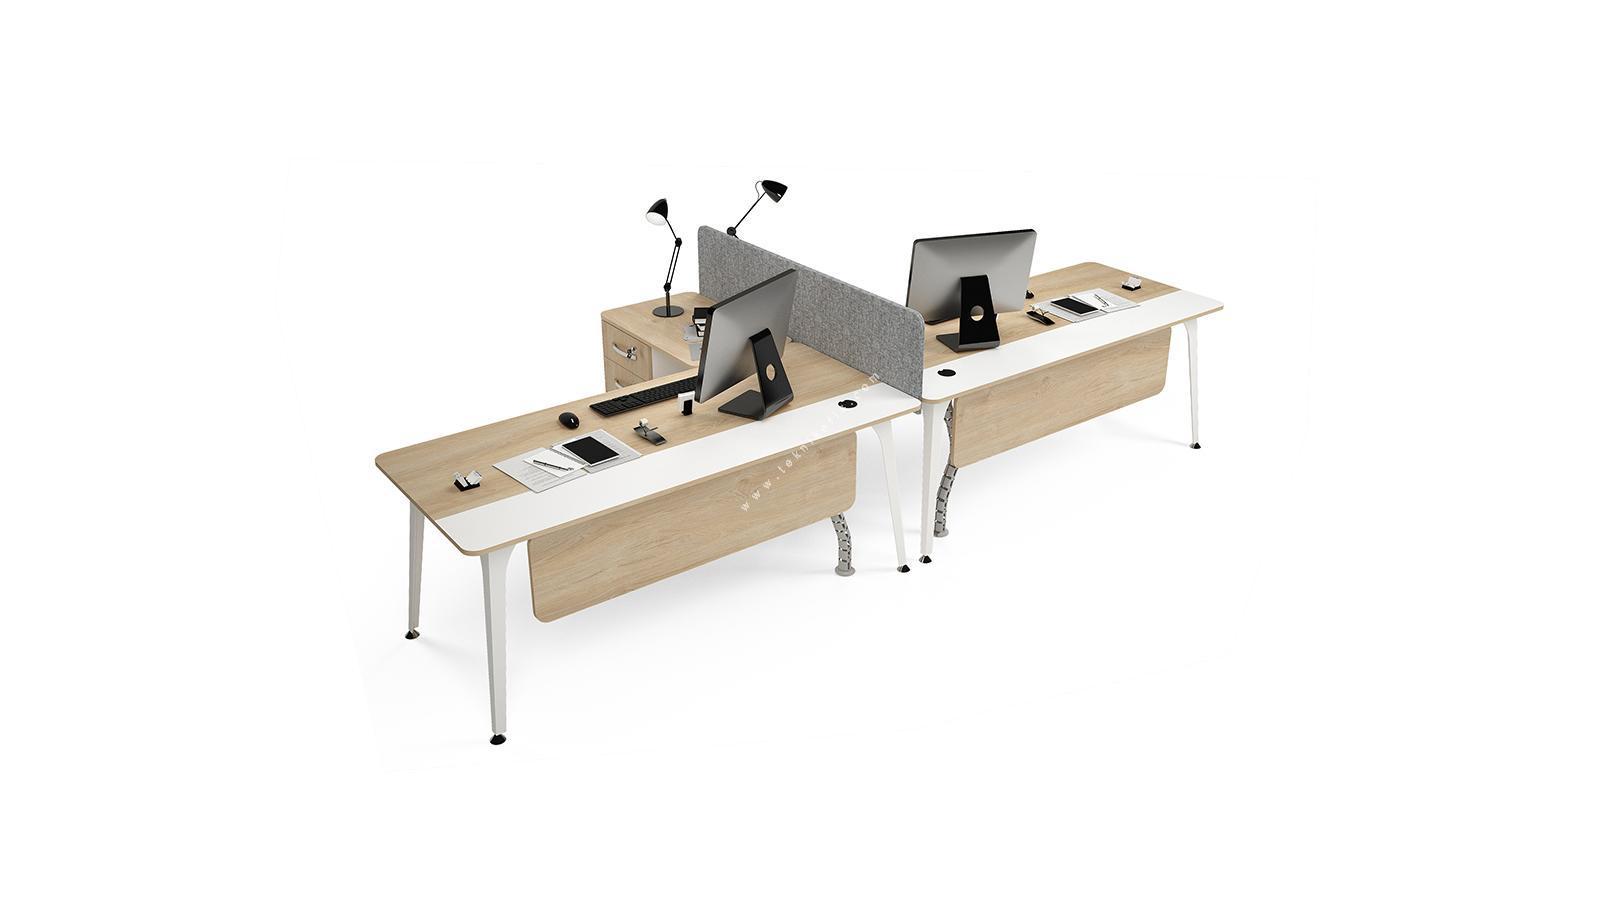 centrawork kumaş seperatörlü ikili çalışma masası 362cm